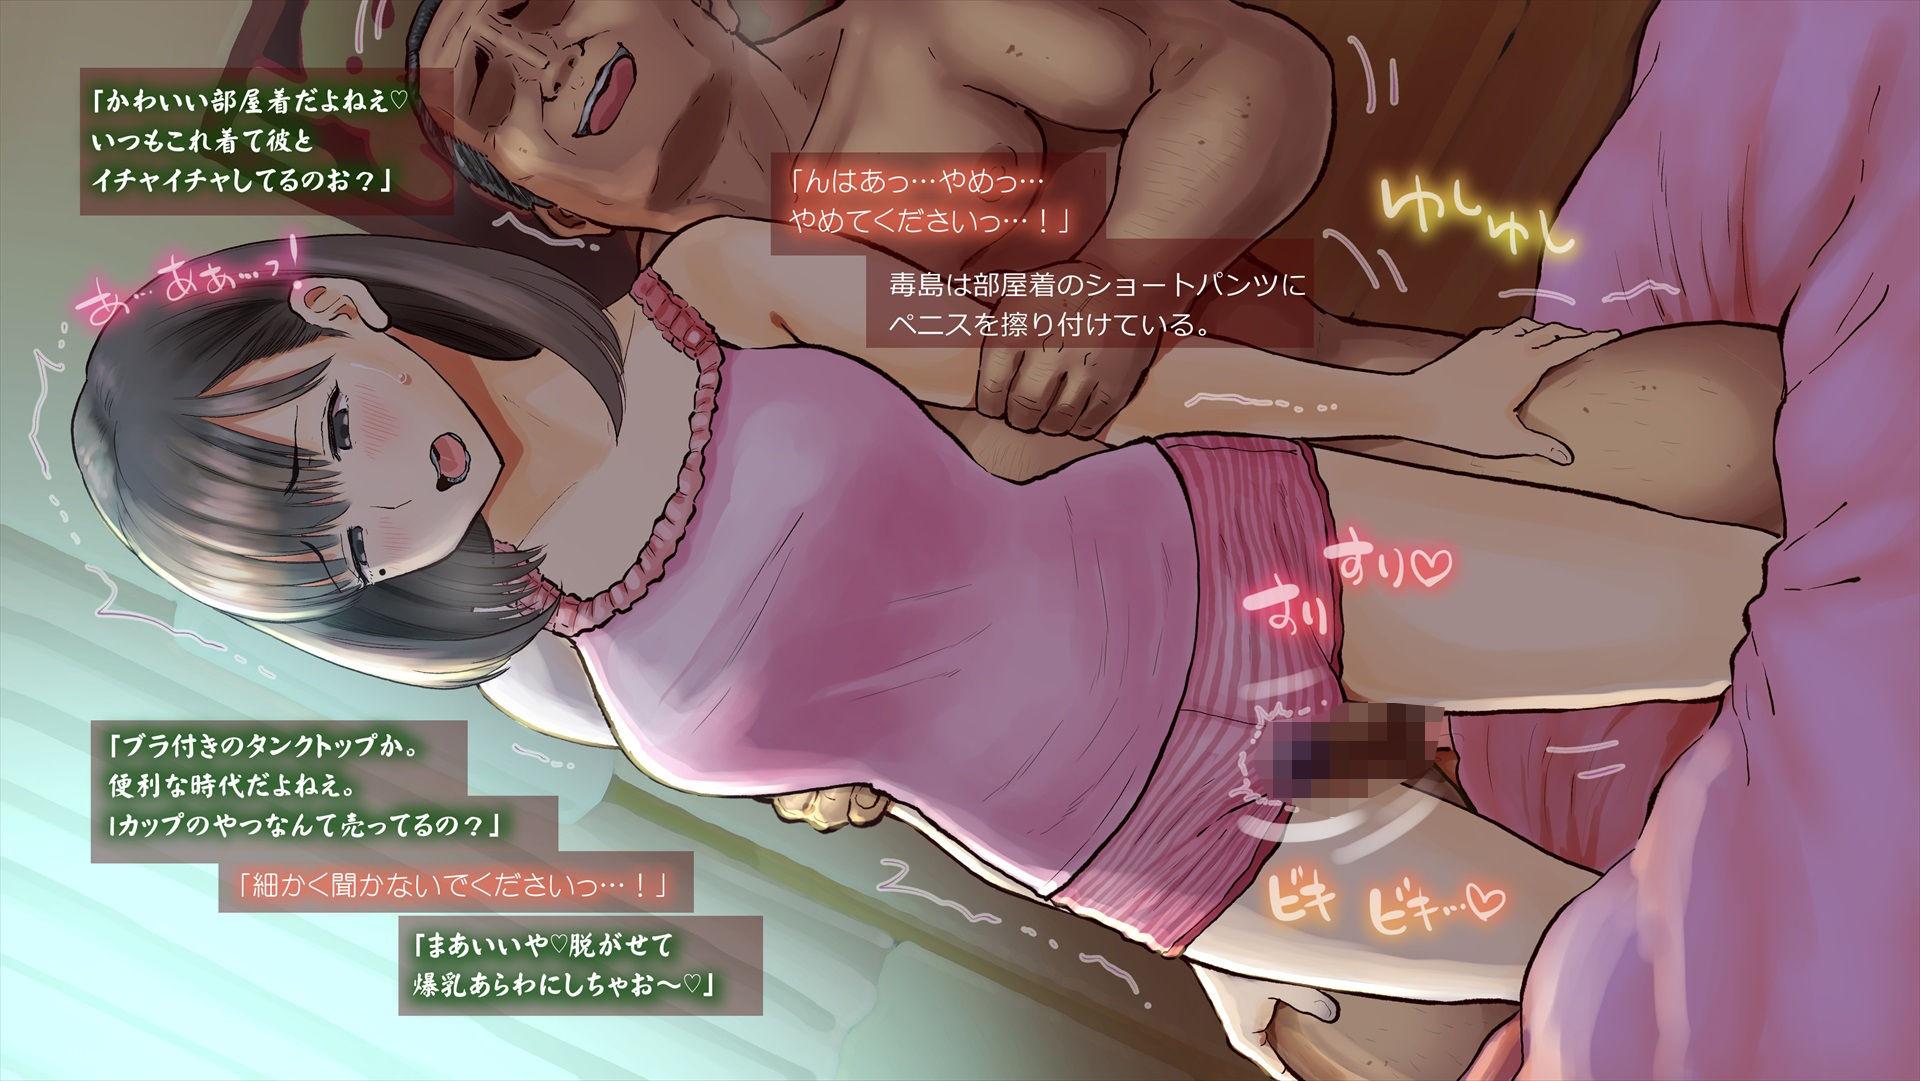 寝取られネネさん総集編 前(1・2・3) ~最愛のカノジョが中年オヤジに徹底的に寝取られる~